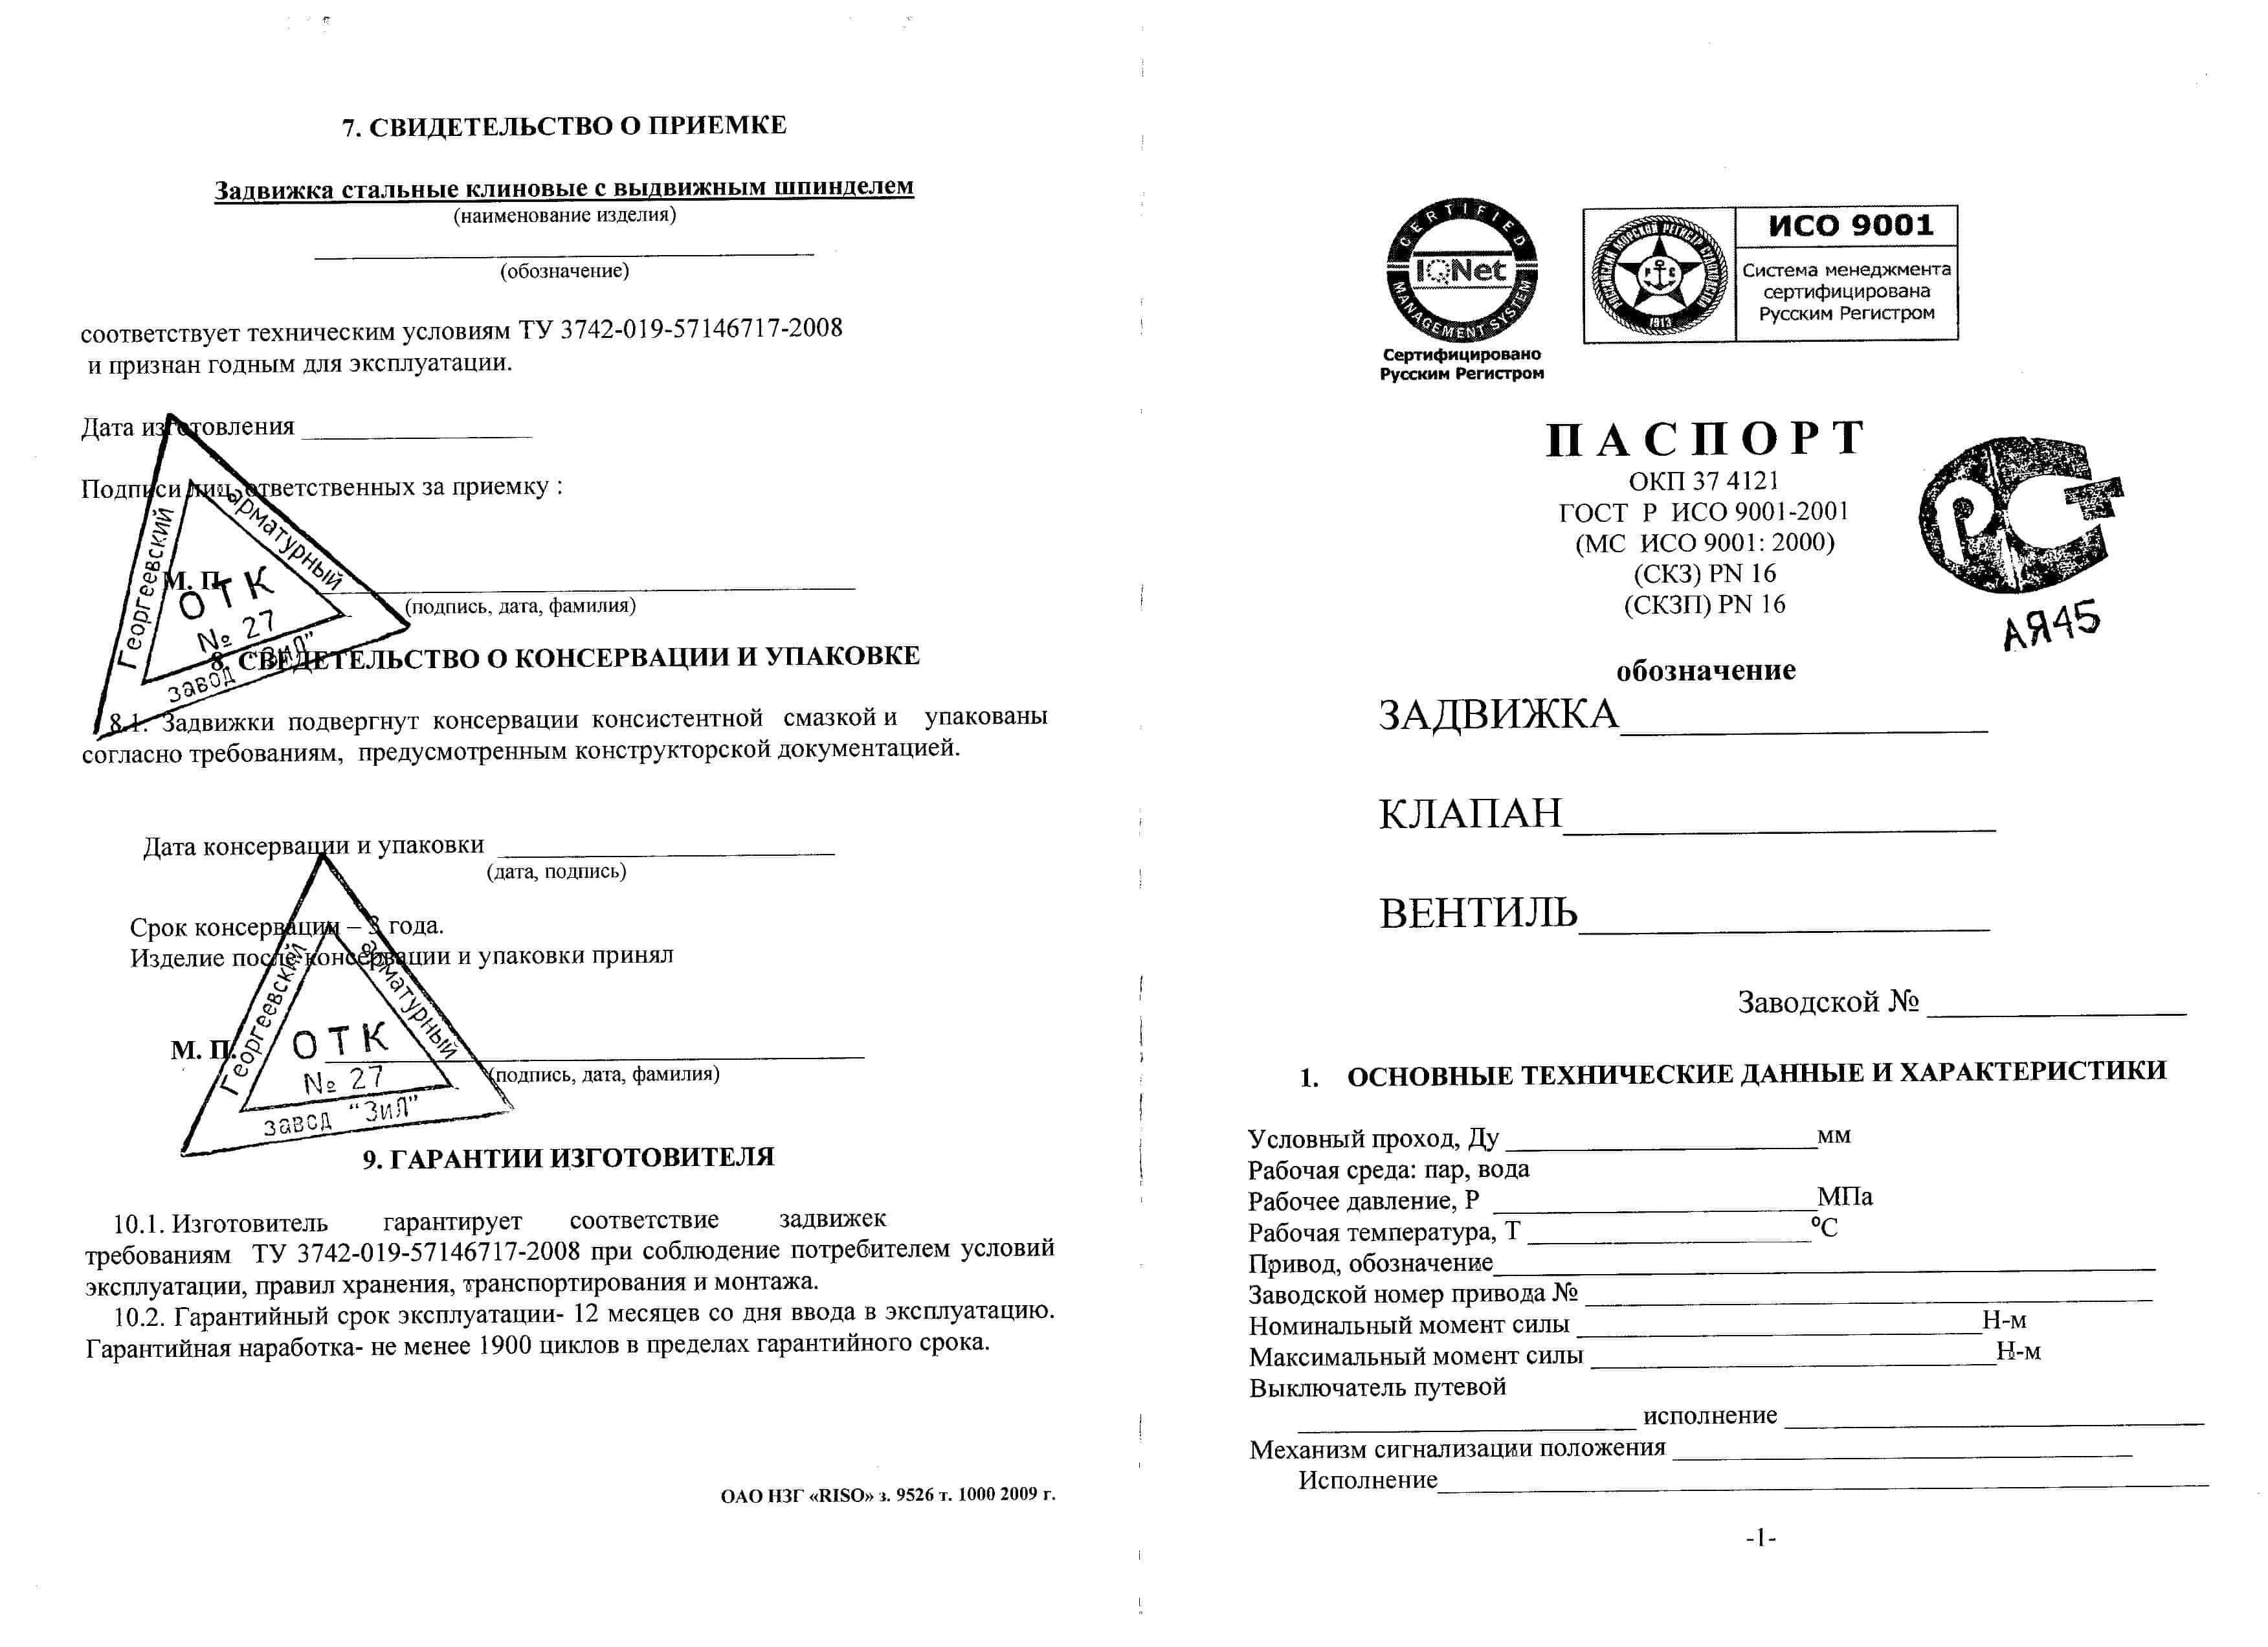 Паспорт задвижки СЛЭМЗ ОТК с завода